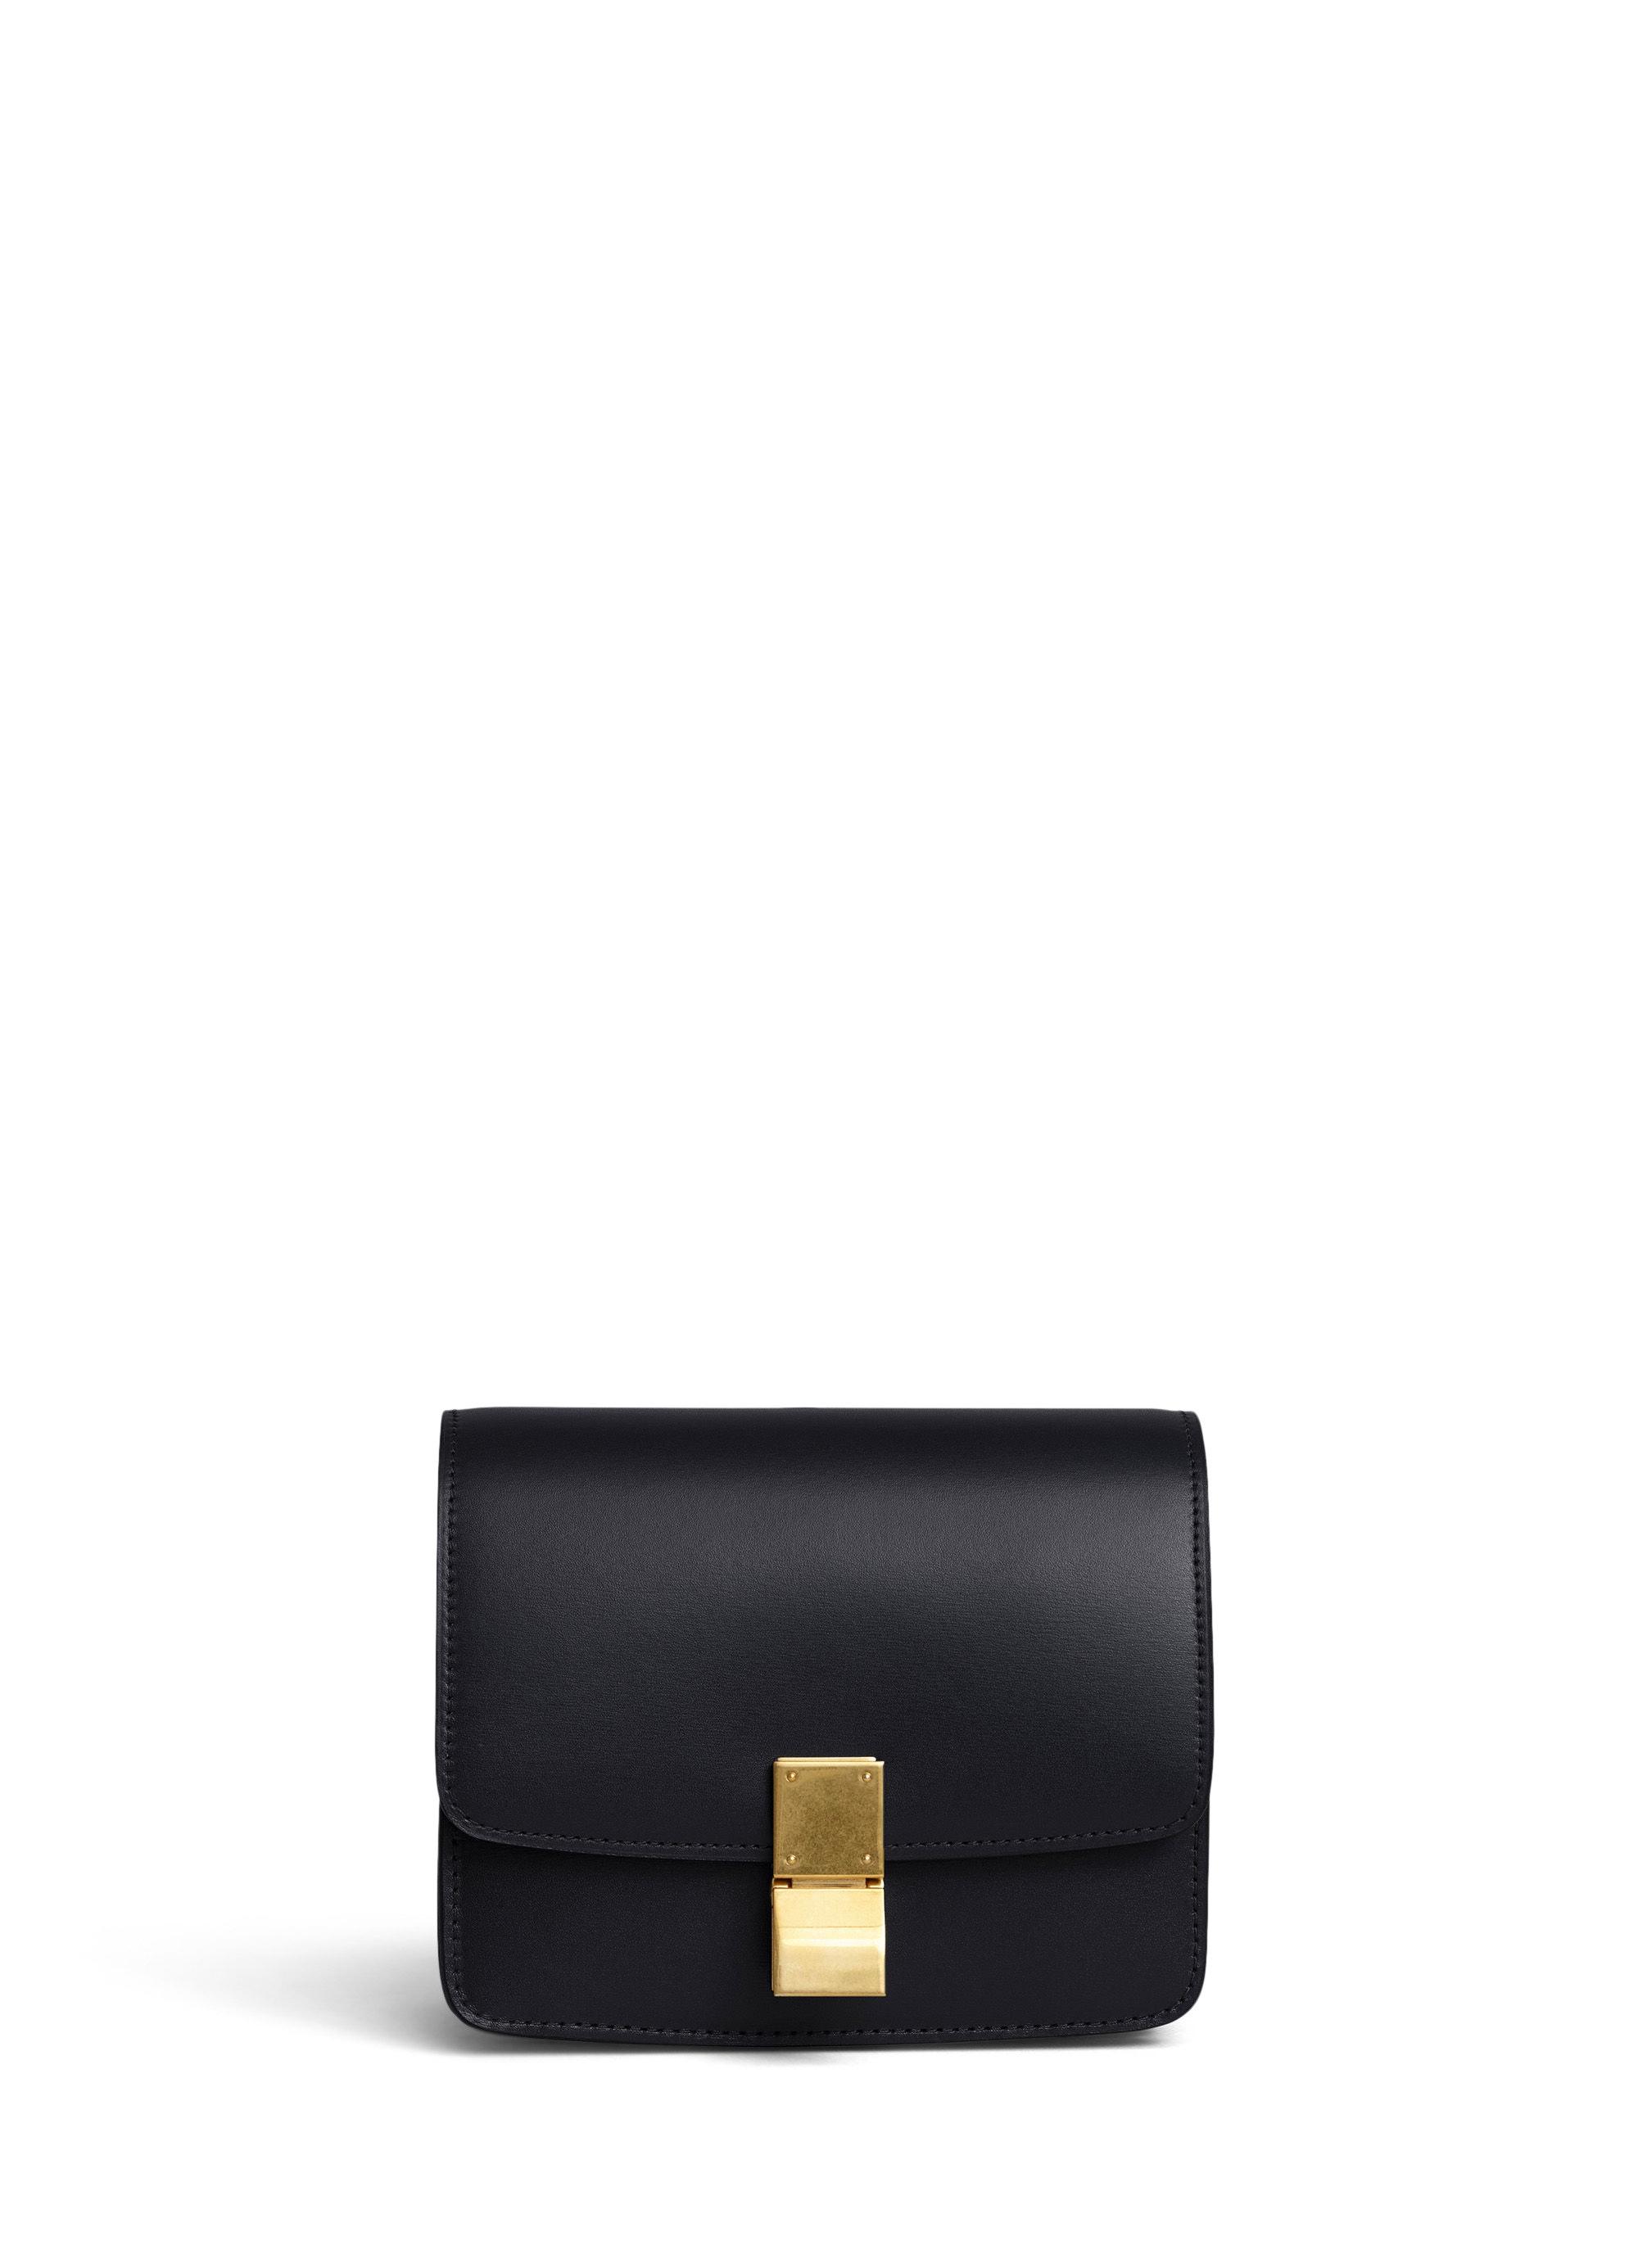 Celine Classic Box Small Black